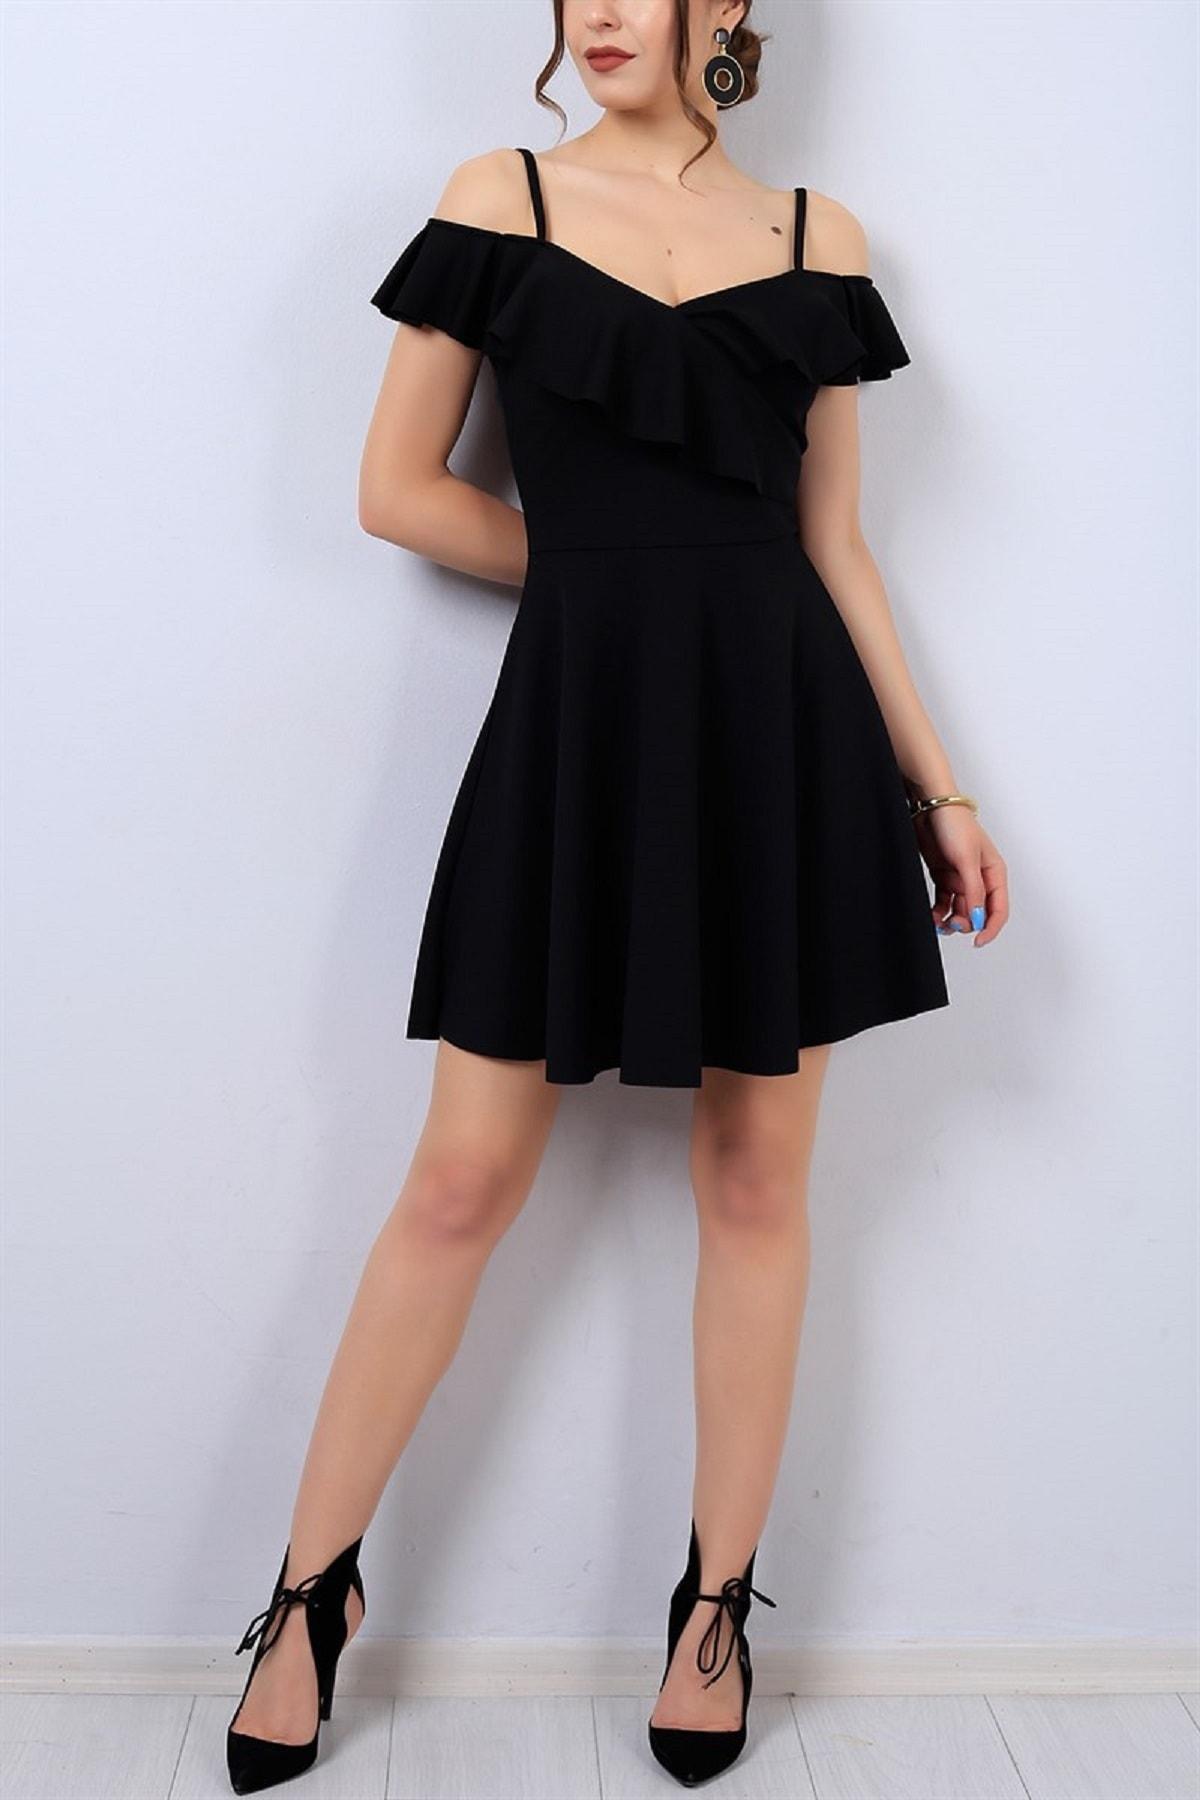 Esnek Krep Kumaş Yakası Volan Detaylı Ince Askılı Kiloş Siyah Abiye Elbise Gece Elbisesi